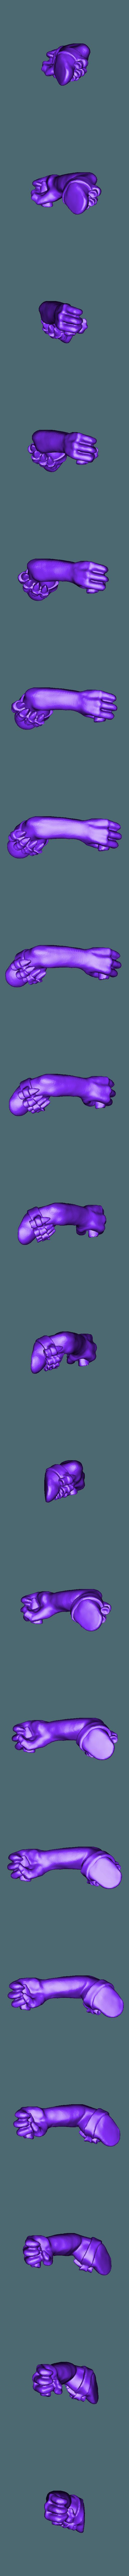 left_arm_v2.stl Télécharger fichier STL gratuit Miniatures de guerriers caméléons • Design à imprimer en 3D, Ilhadiel